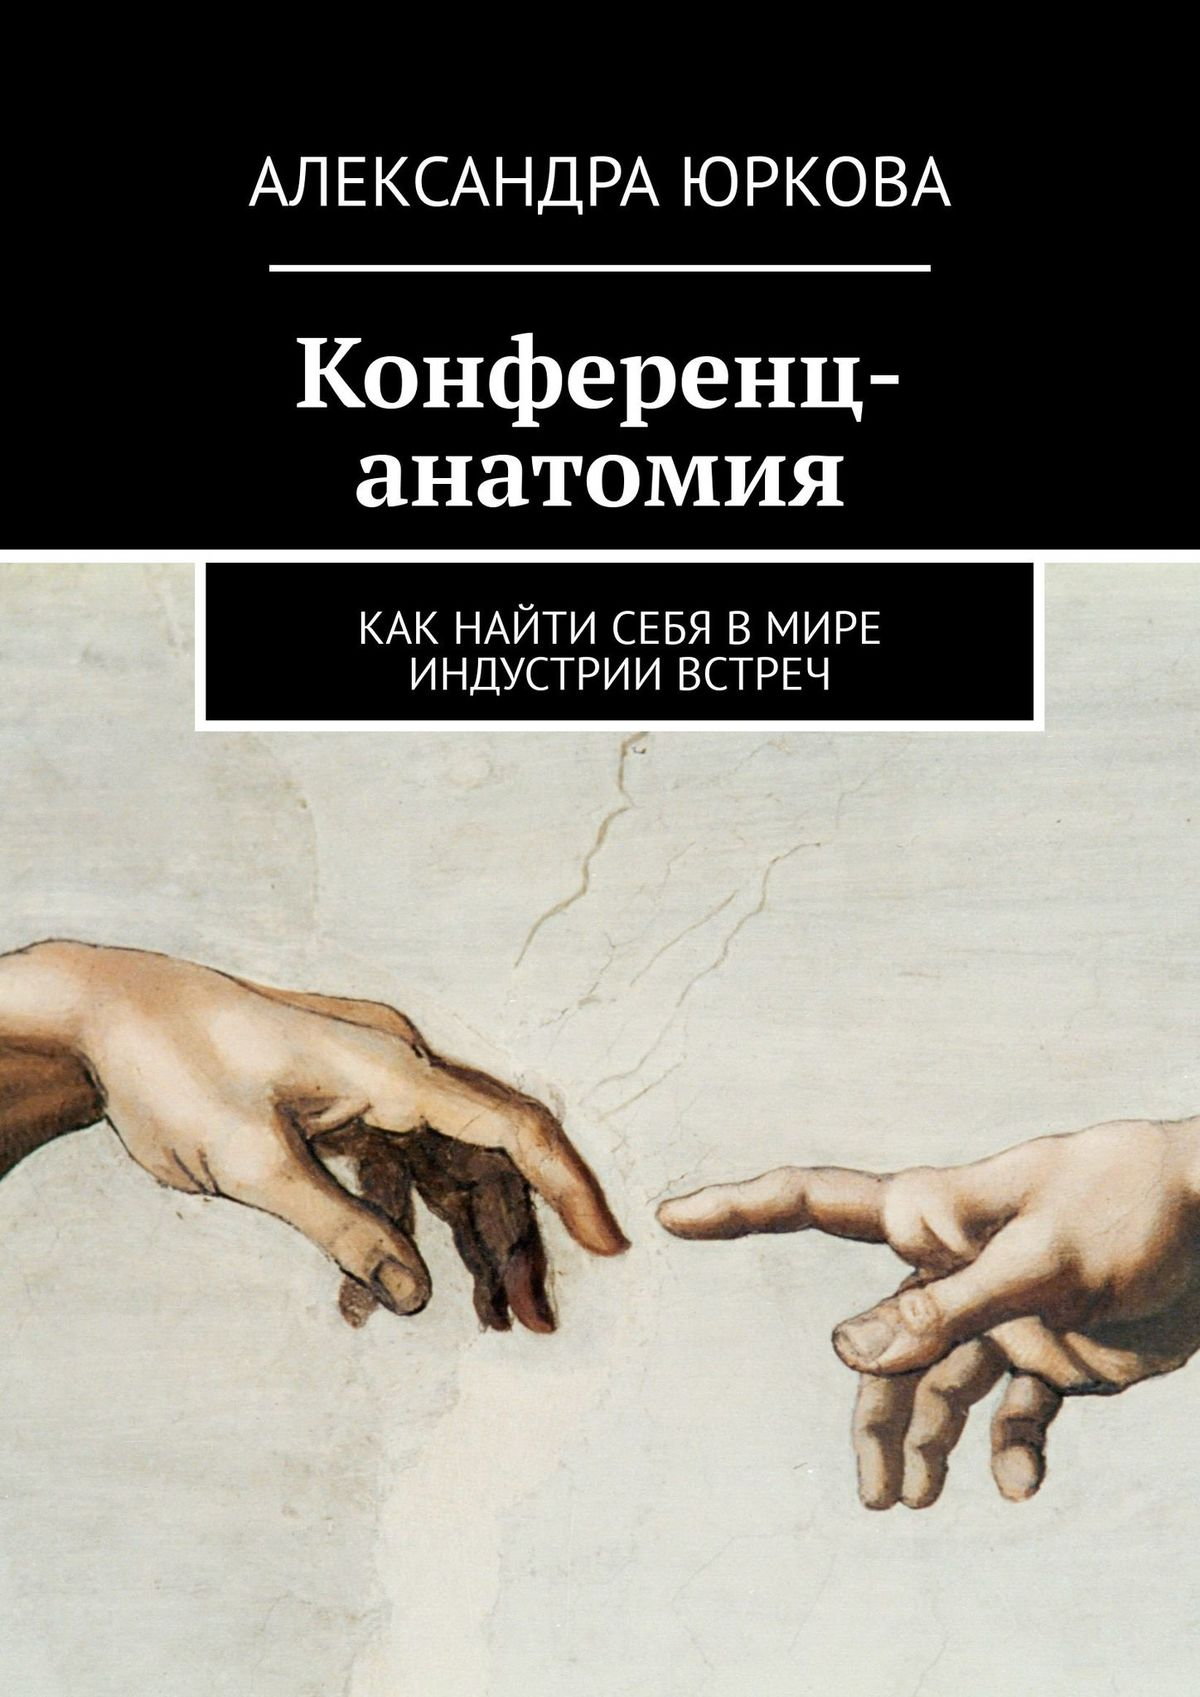 цены Александра Юркова Конференц-анатомия. Как найти себя вмире индустрии встреч